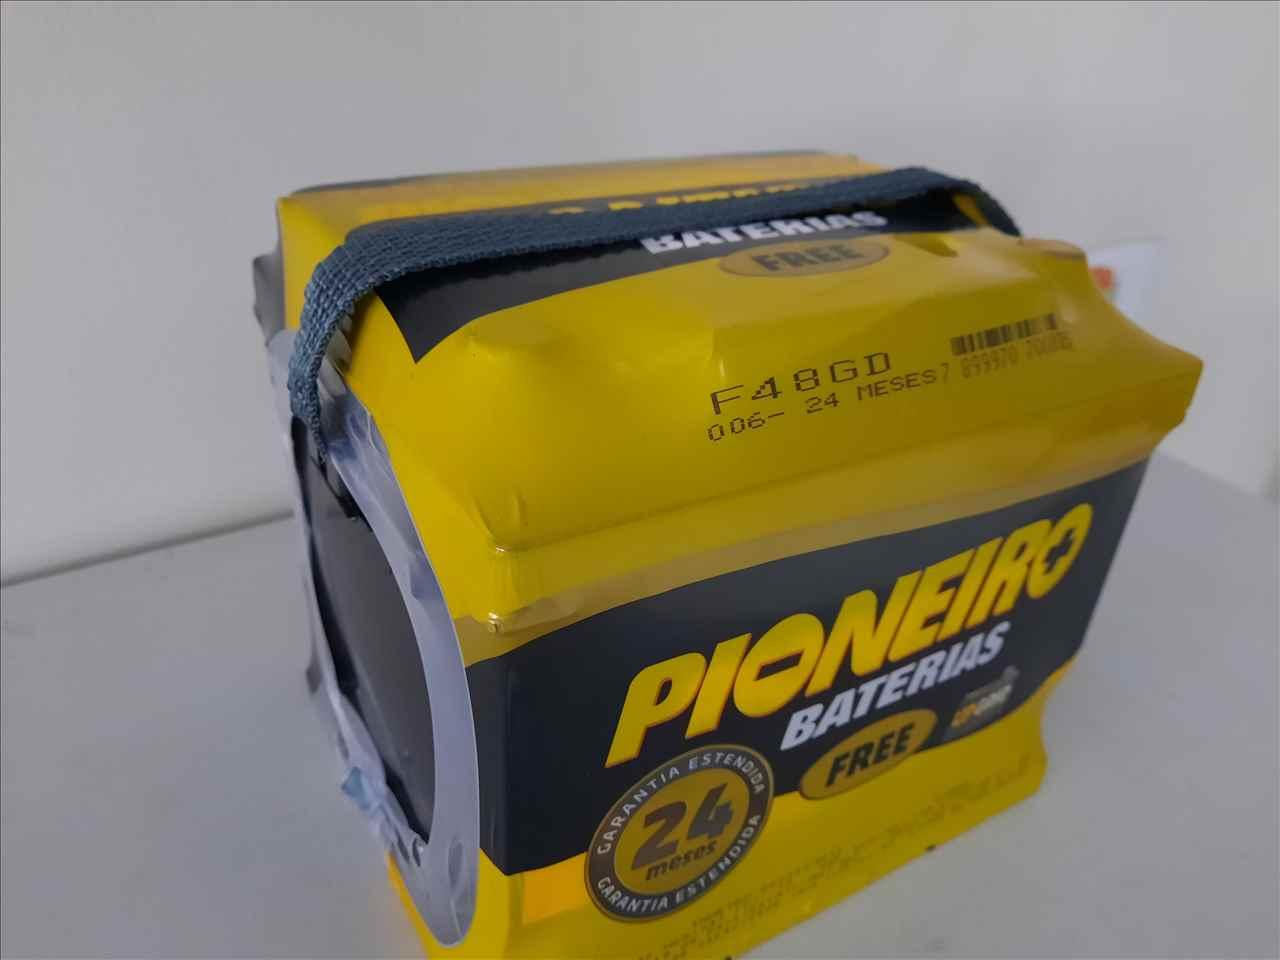 sao-jose-dos-pinhais%2fparana%2fbateria-48-ah-pioneiro%2ff48gd%2fbateria%2fautomotiva%2fcabine-dupla%2fcaio-baterias%2f12083